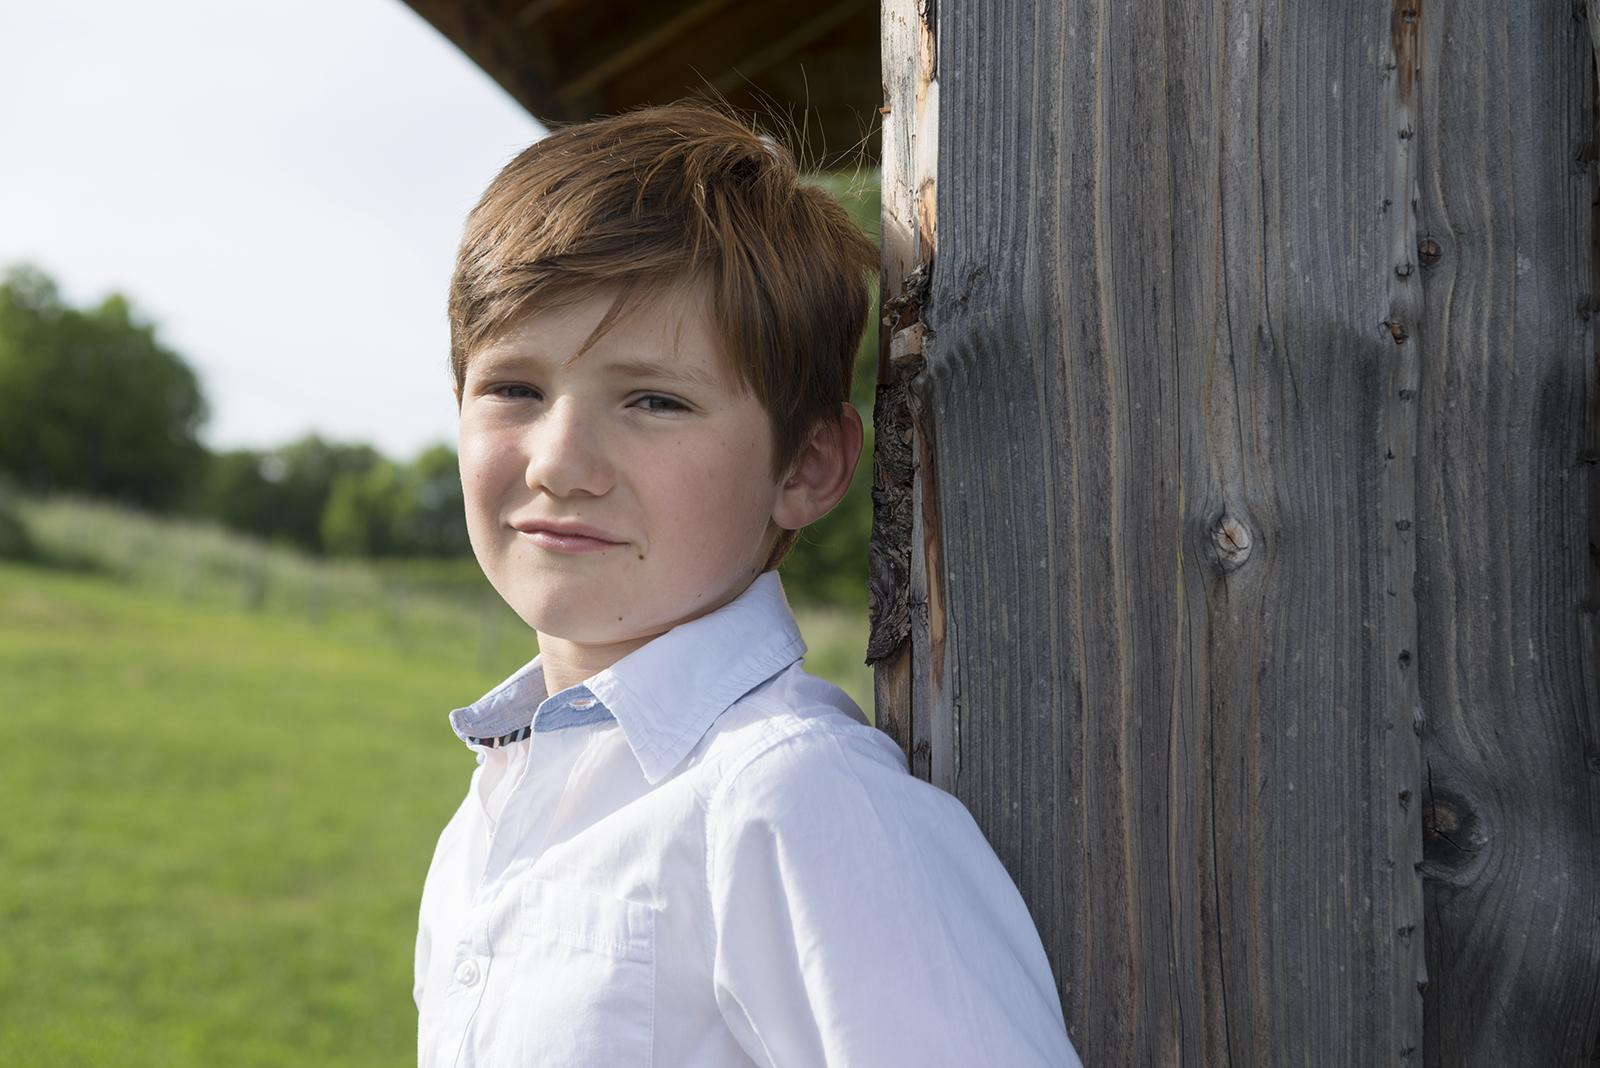 jeune garçon adossé à la cabane